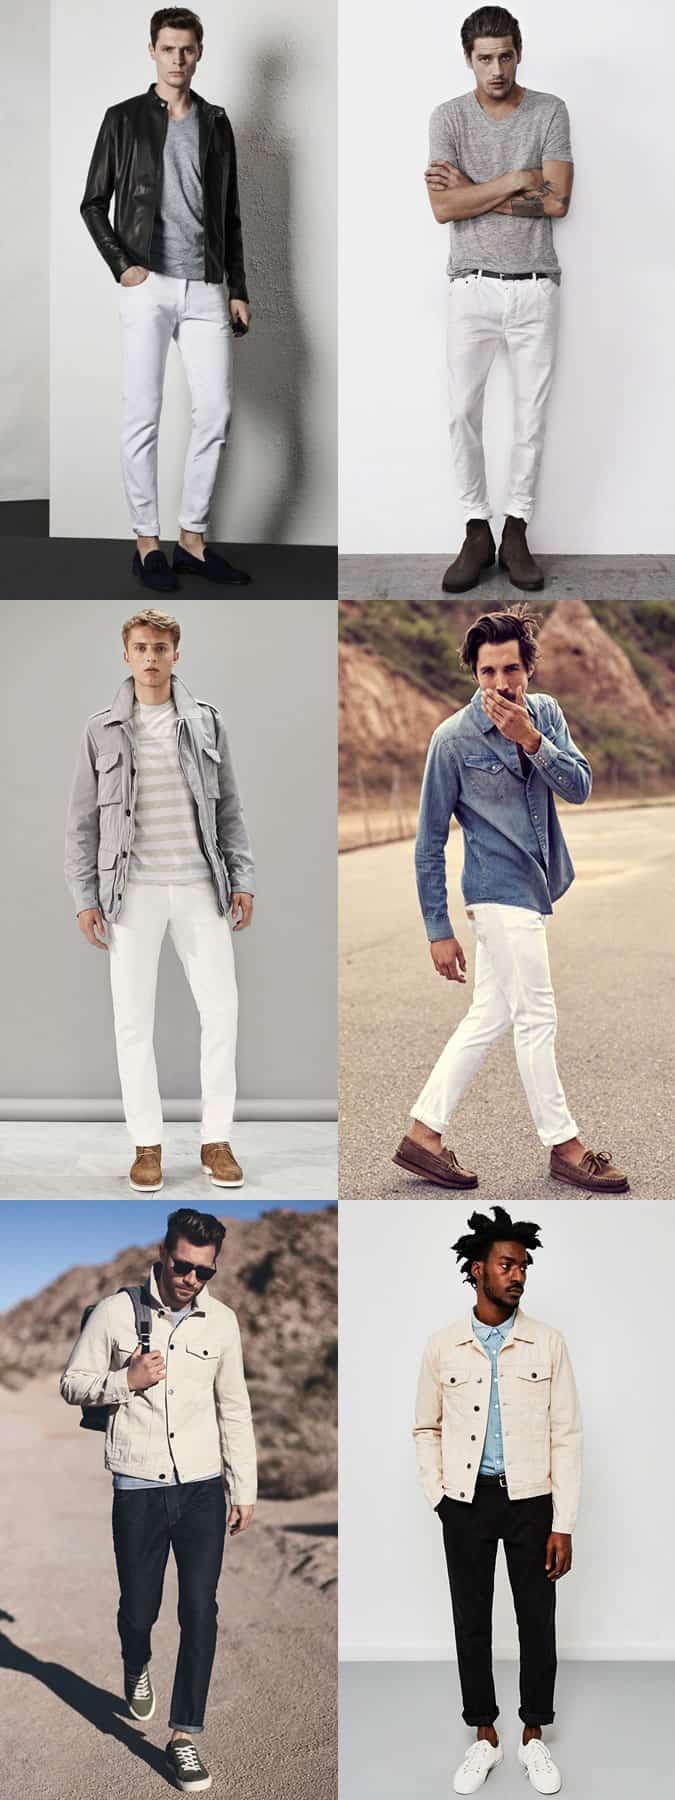 Lookbook Inspiration pour homme en jeans blancs